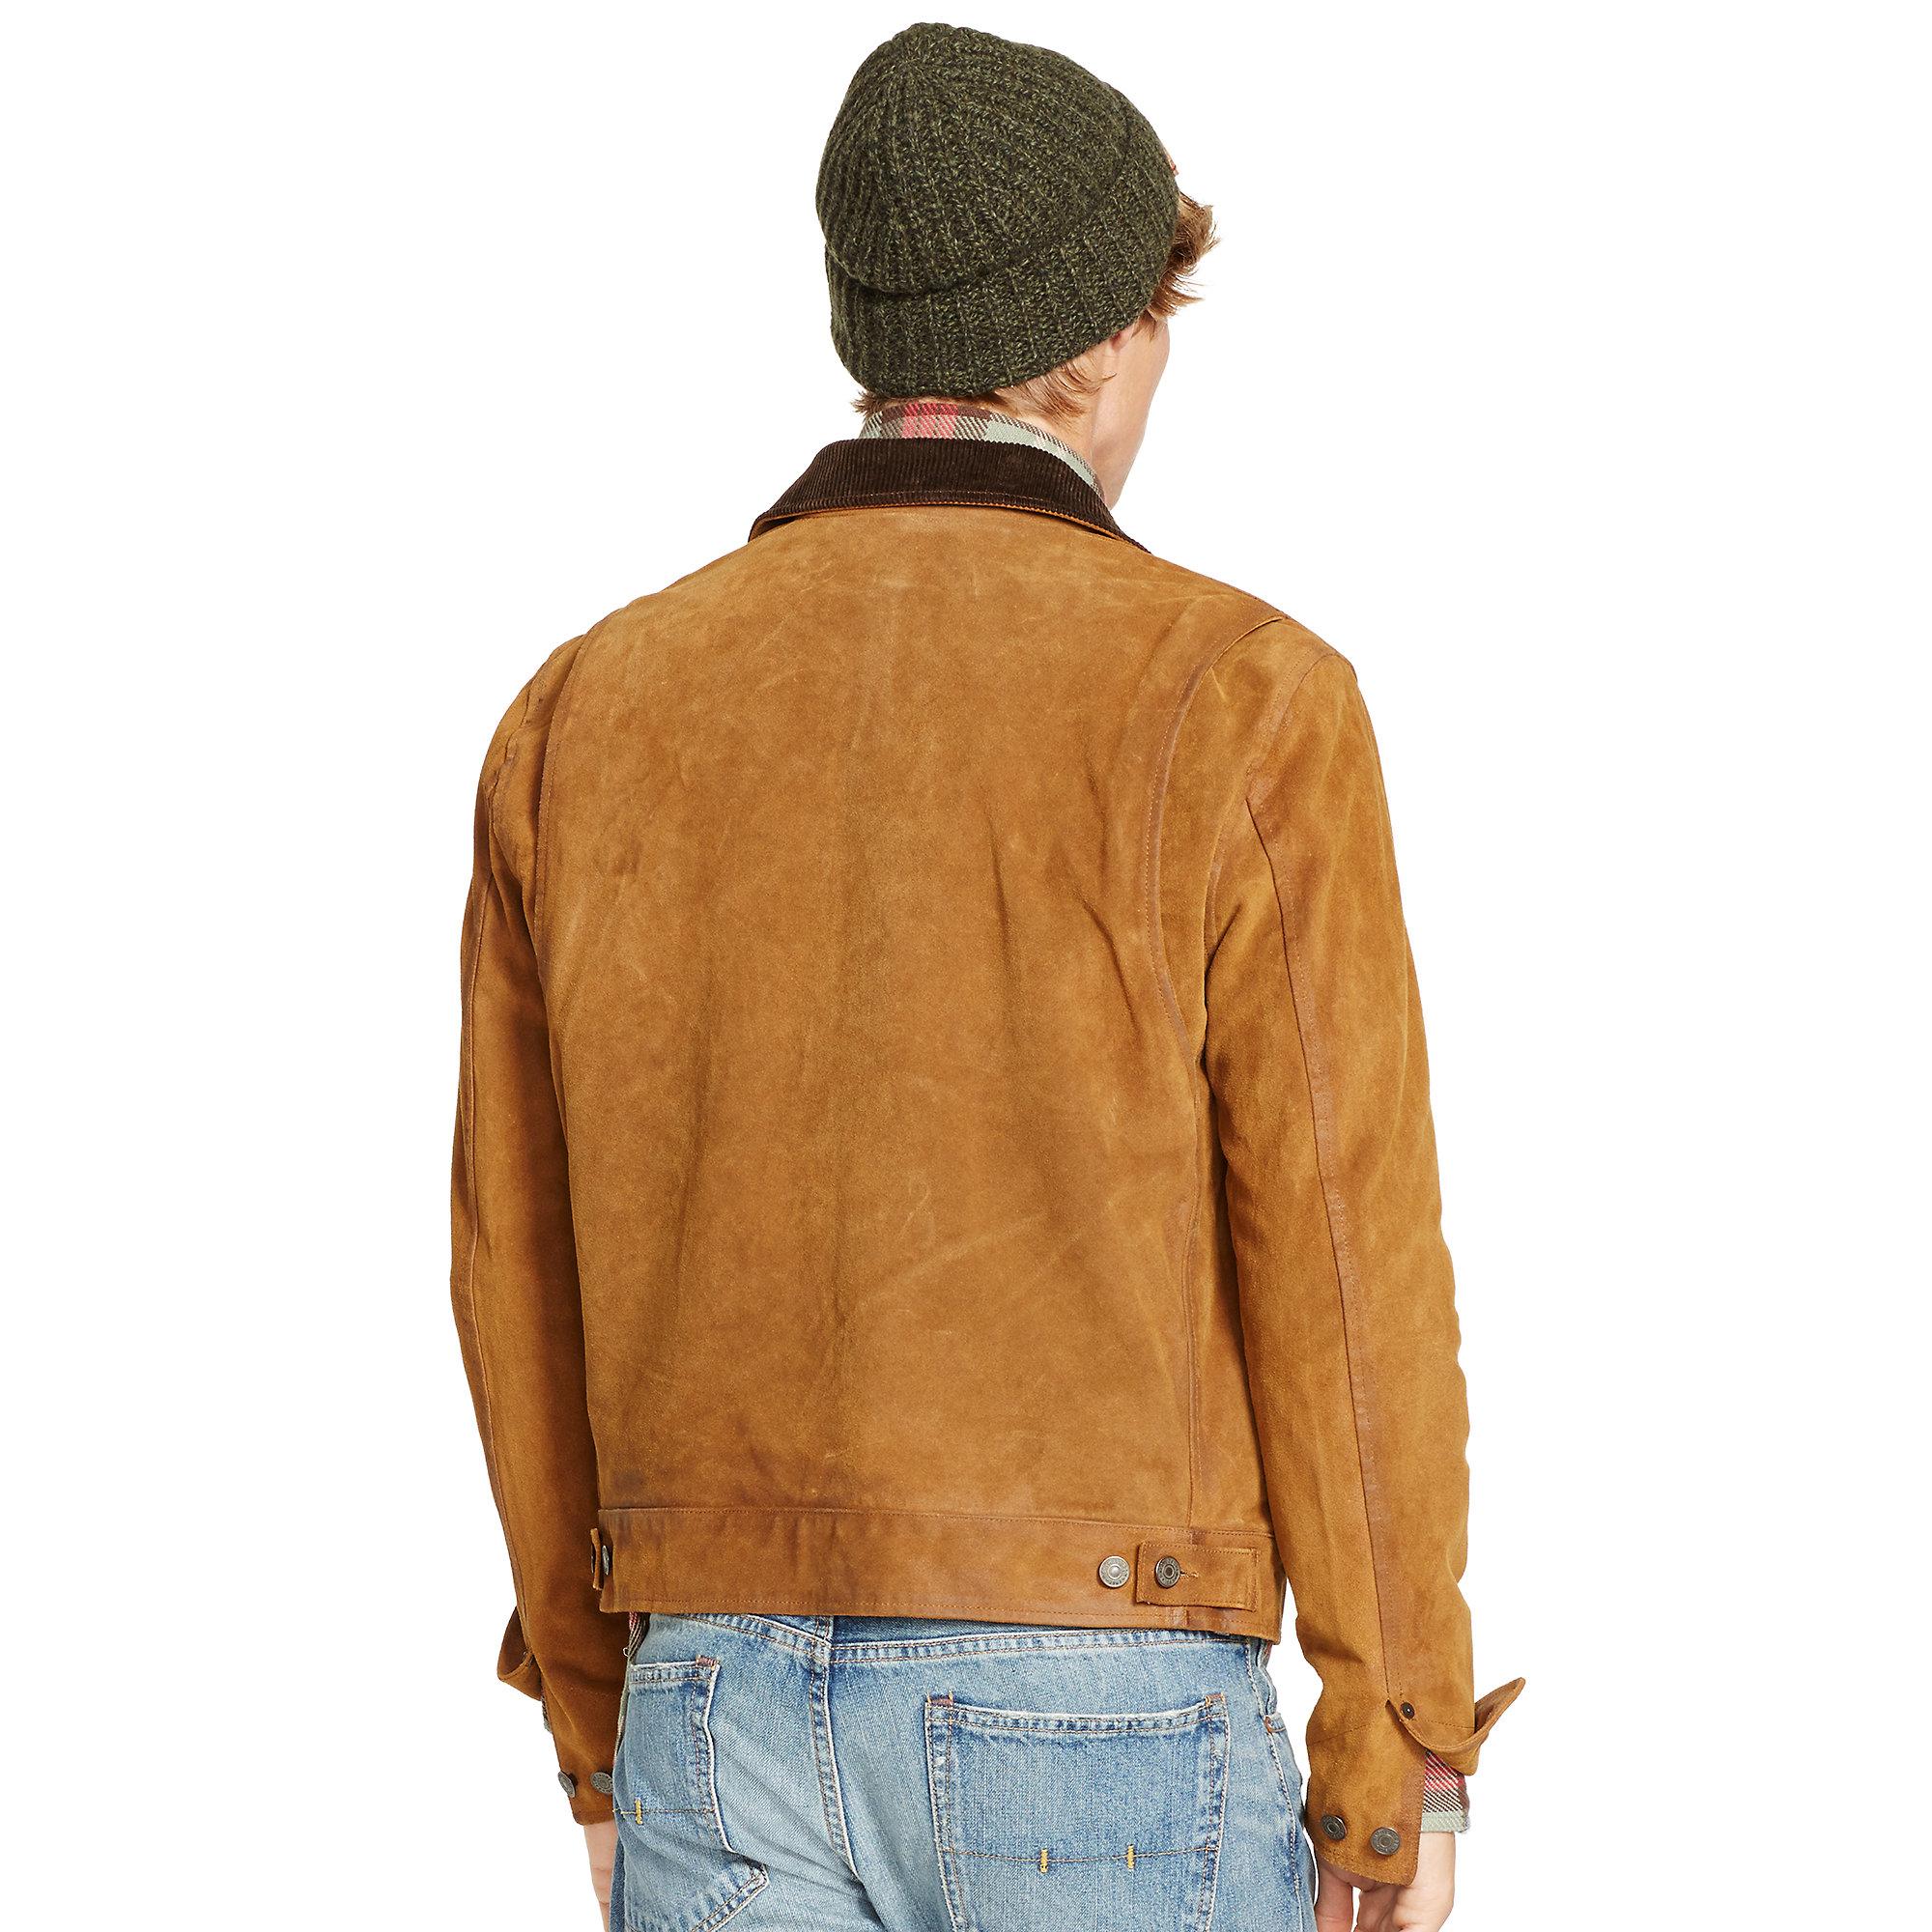 06a109592b508 Lyst - Polo Ralph Lauren Suede Warren Dungaree Jacket in Brown for Men